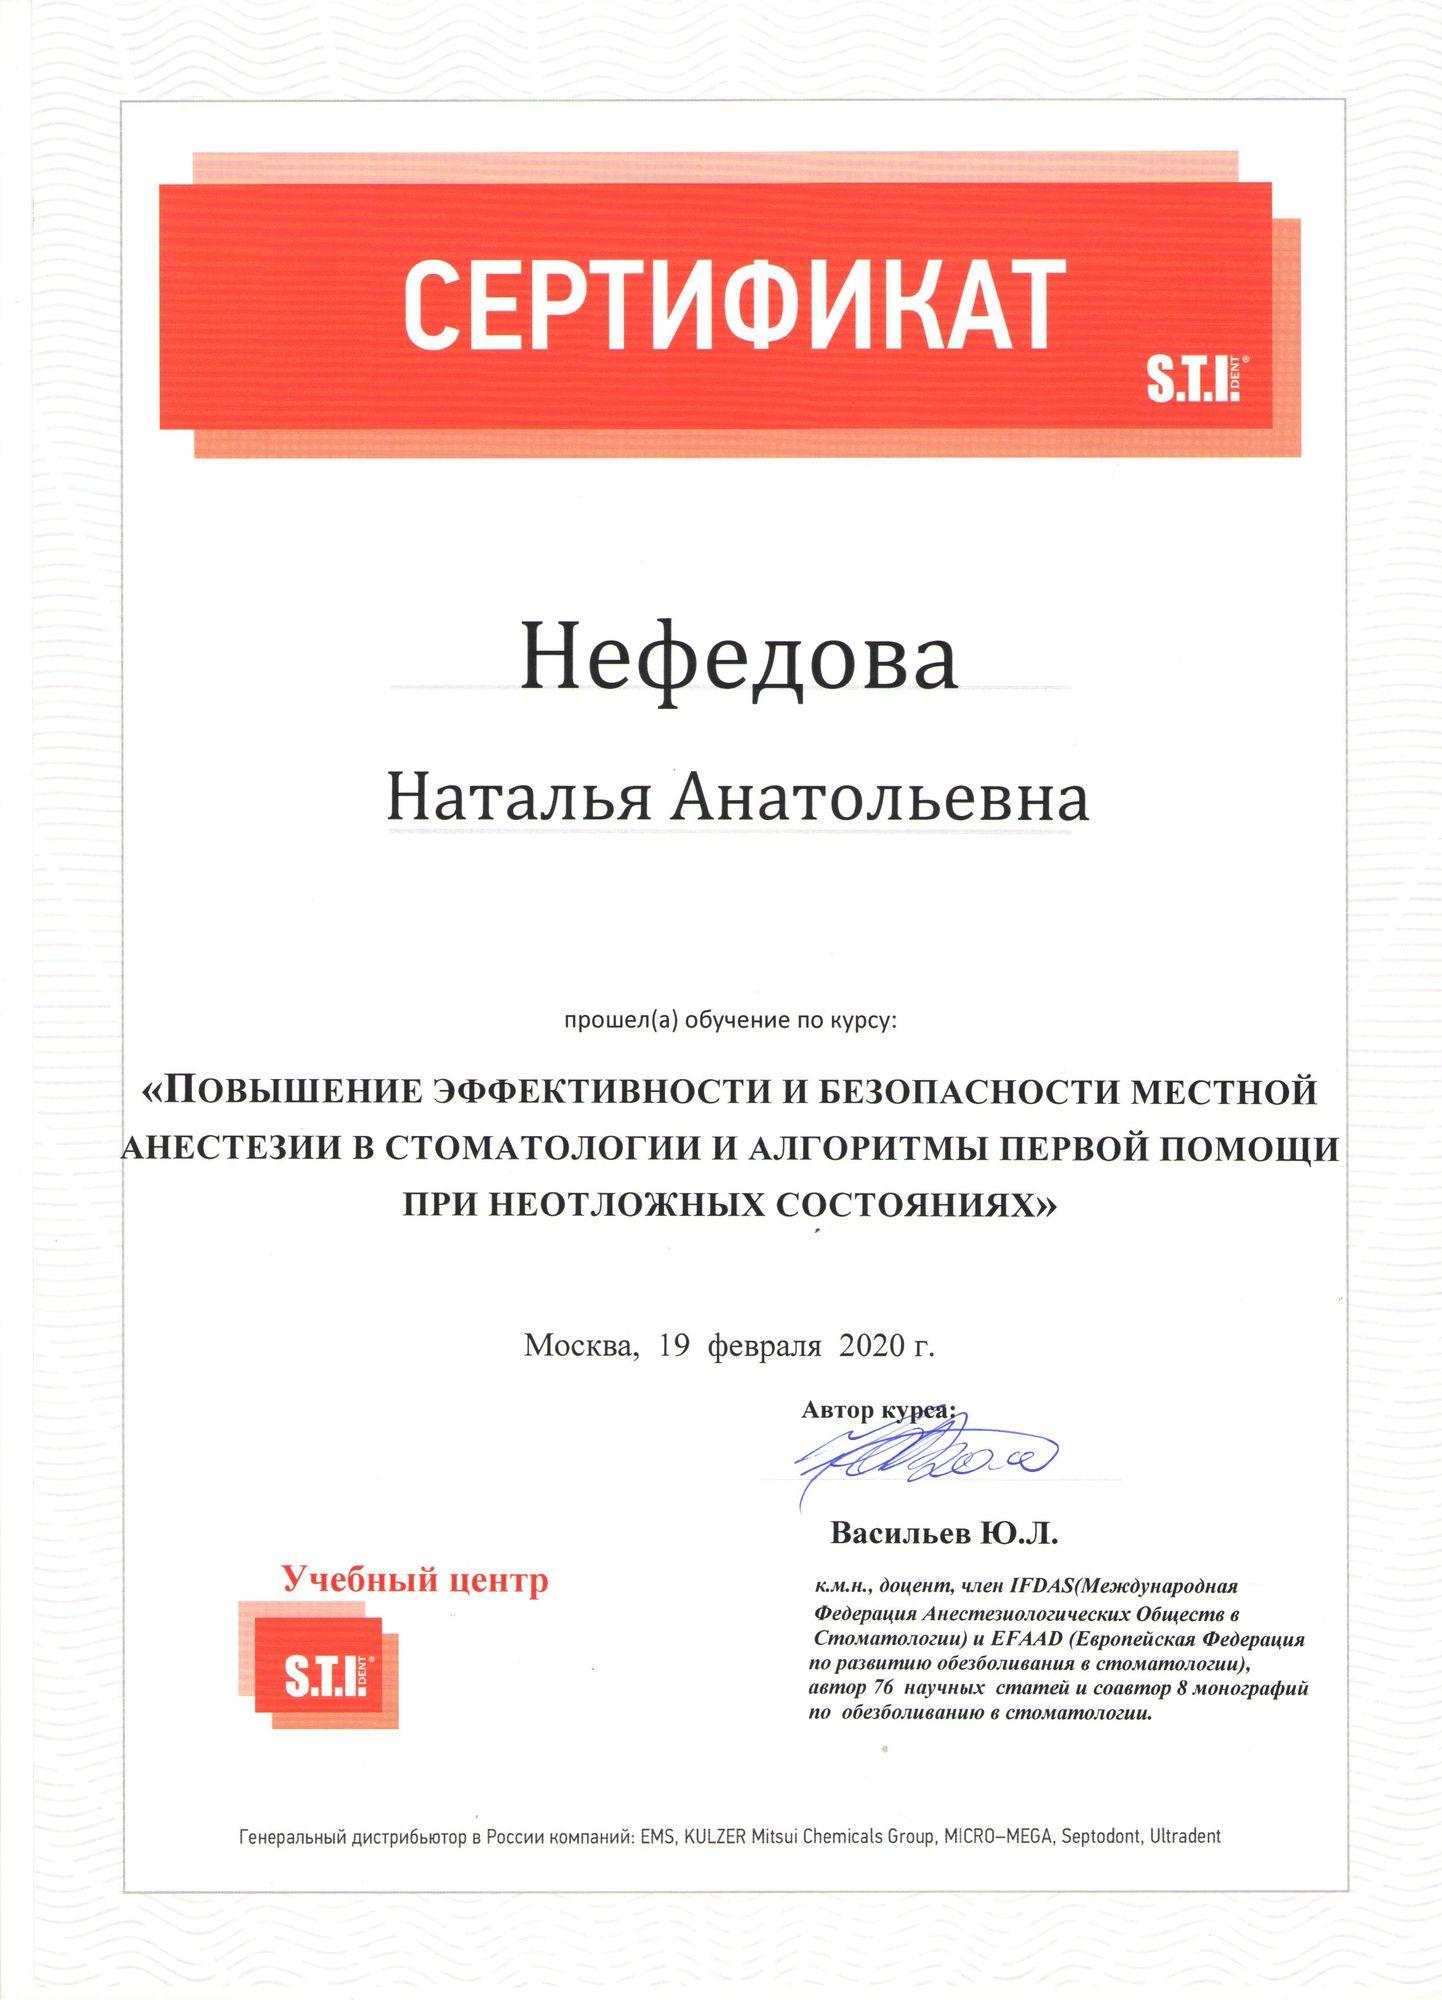 Нефедова_сертификаты_03